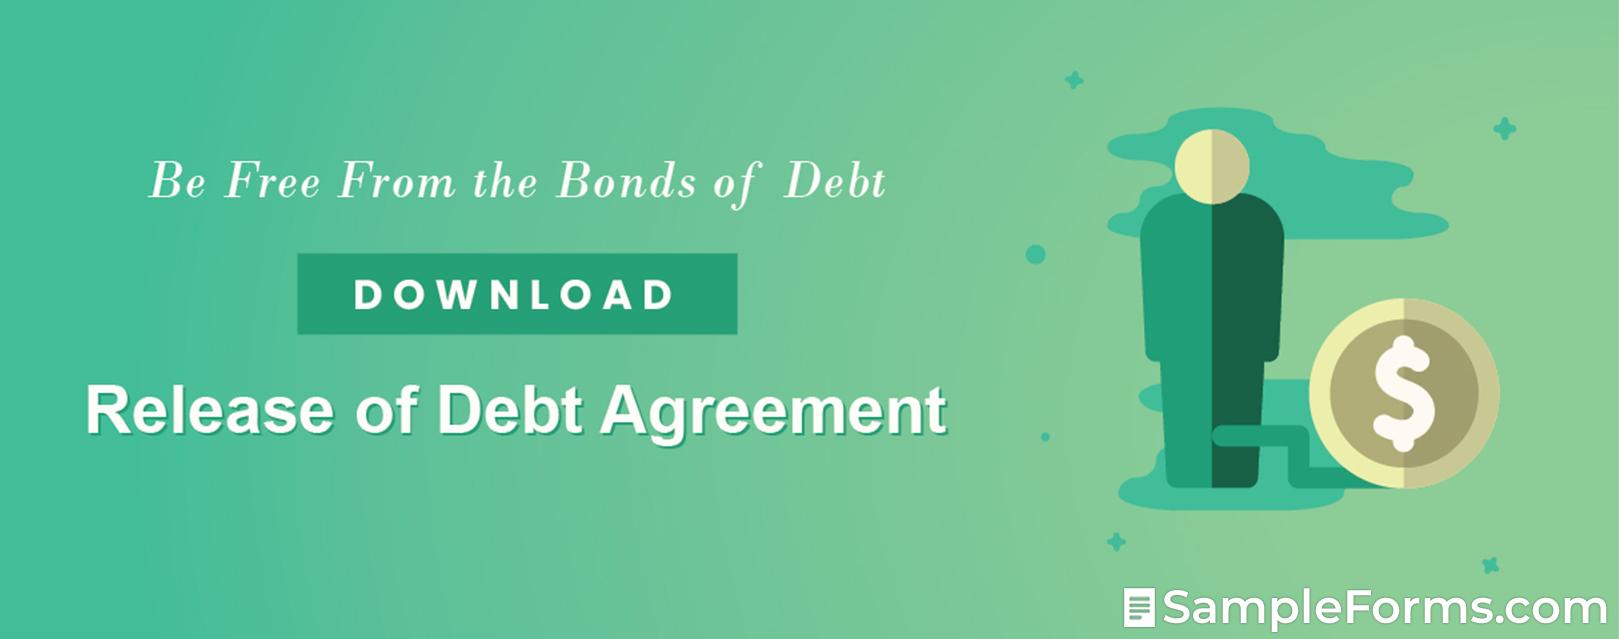 Release of Debt Agreement